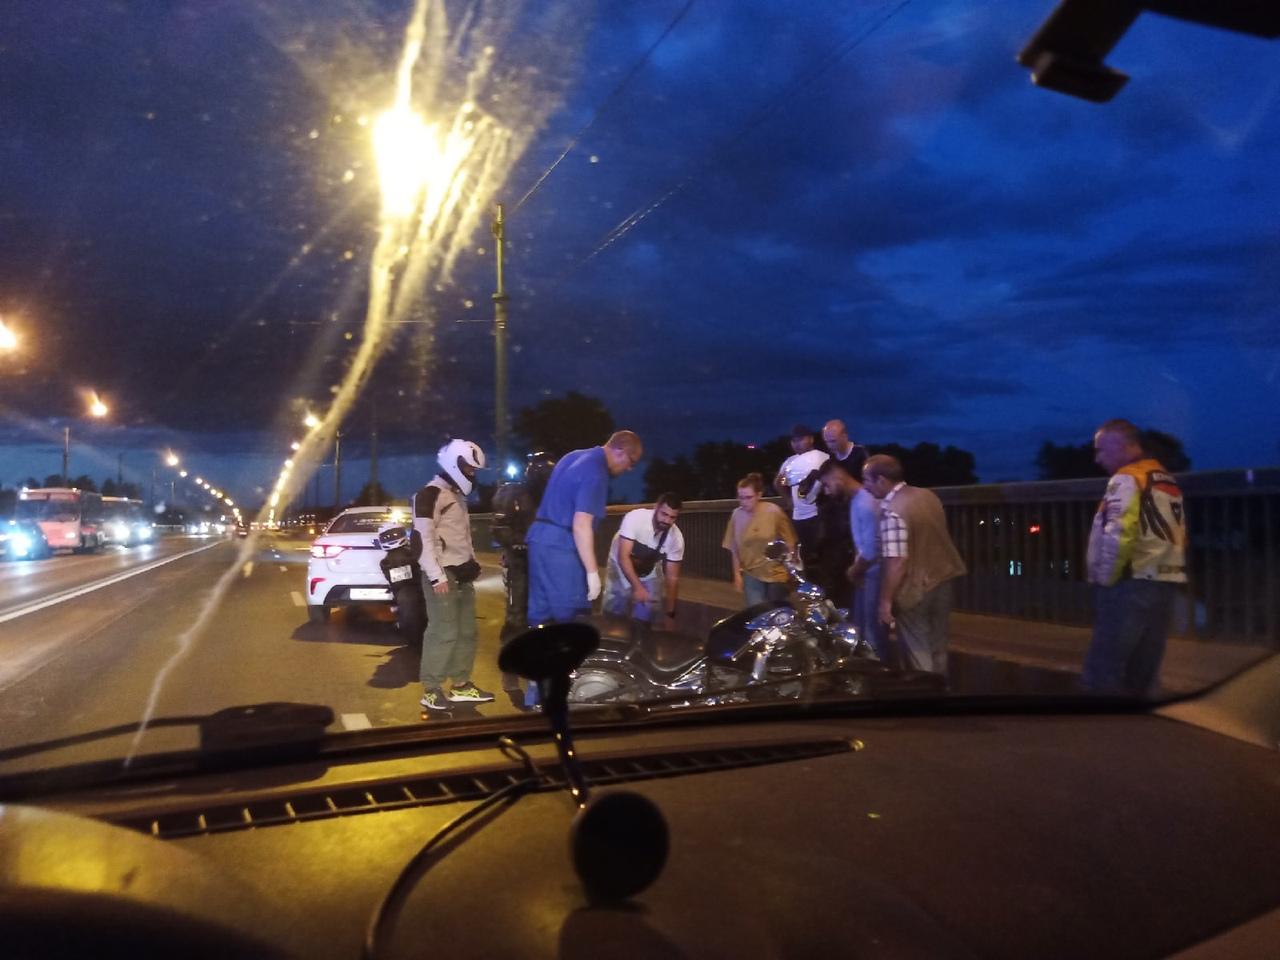 Мотоциклист пострадал на Невском путепроводе, много крови, реанимация. Кто прав, а кто виноват не з...